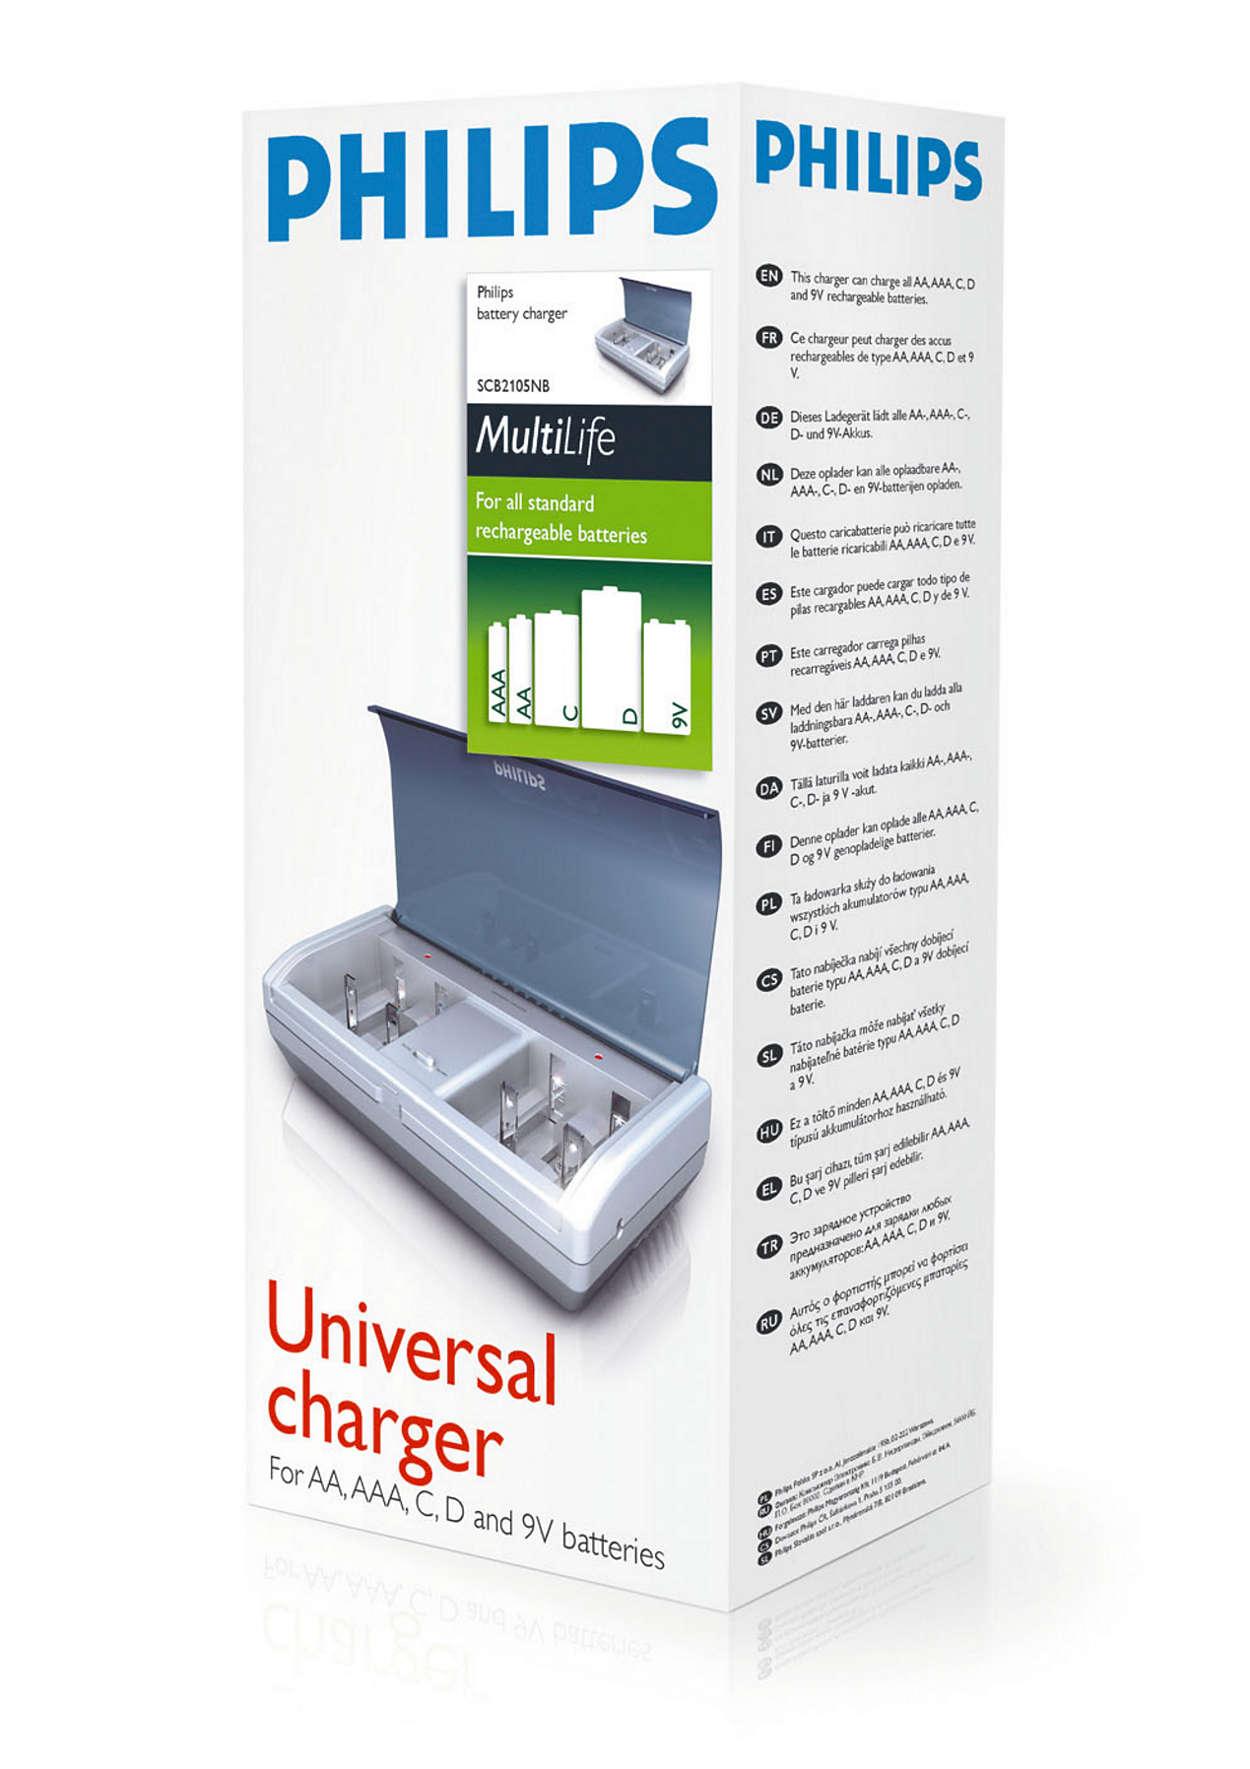 Зарежда батерии тип AAA, AA, 9V, C и D